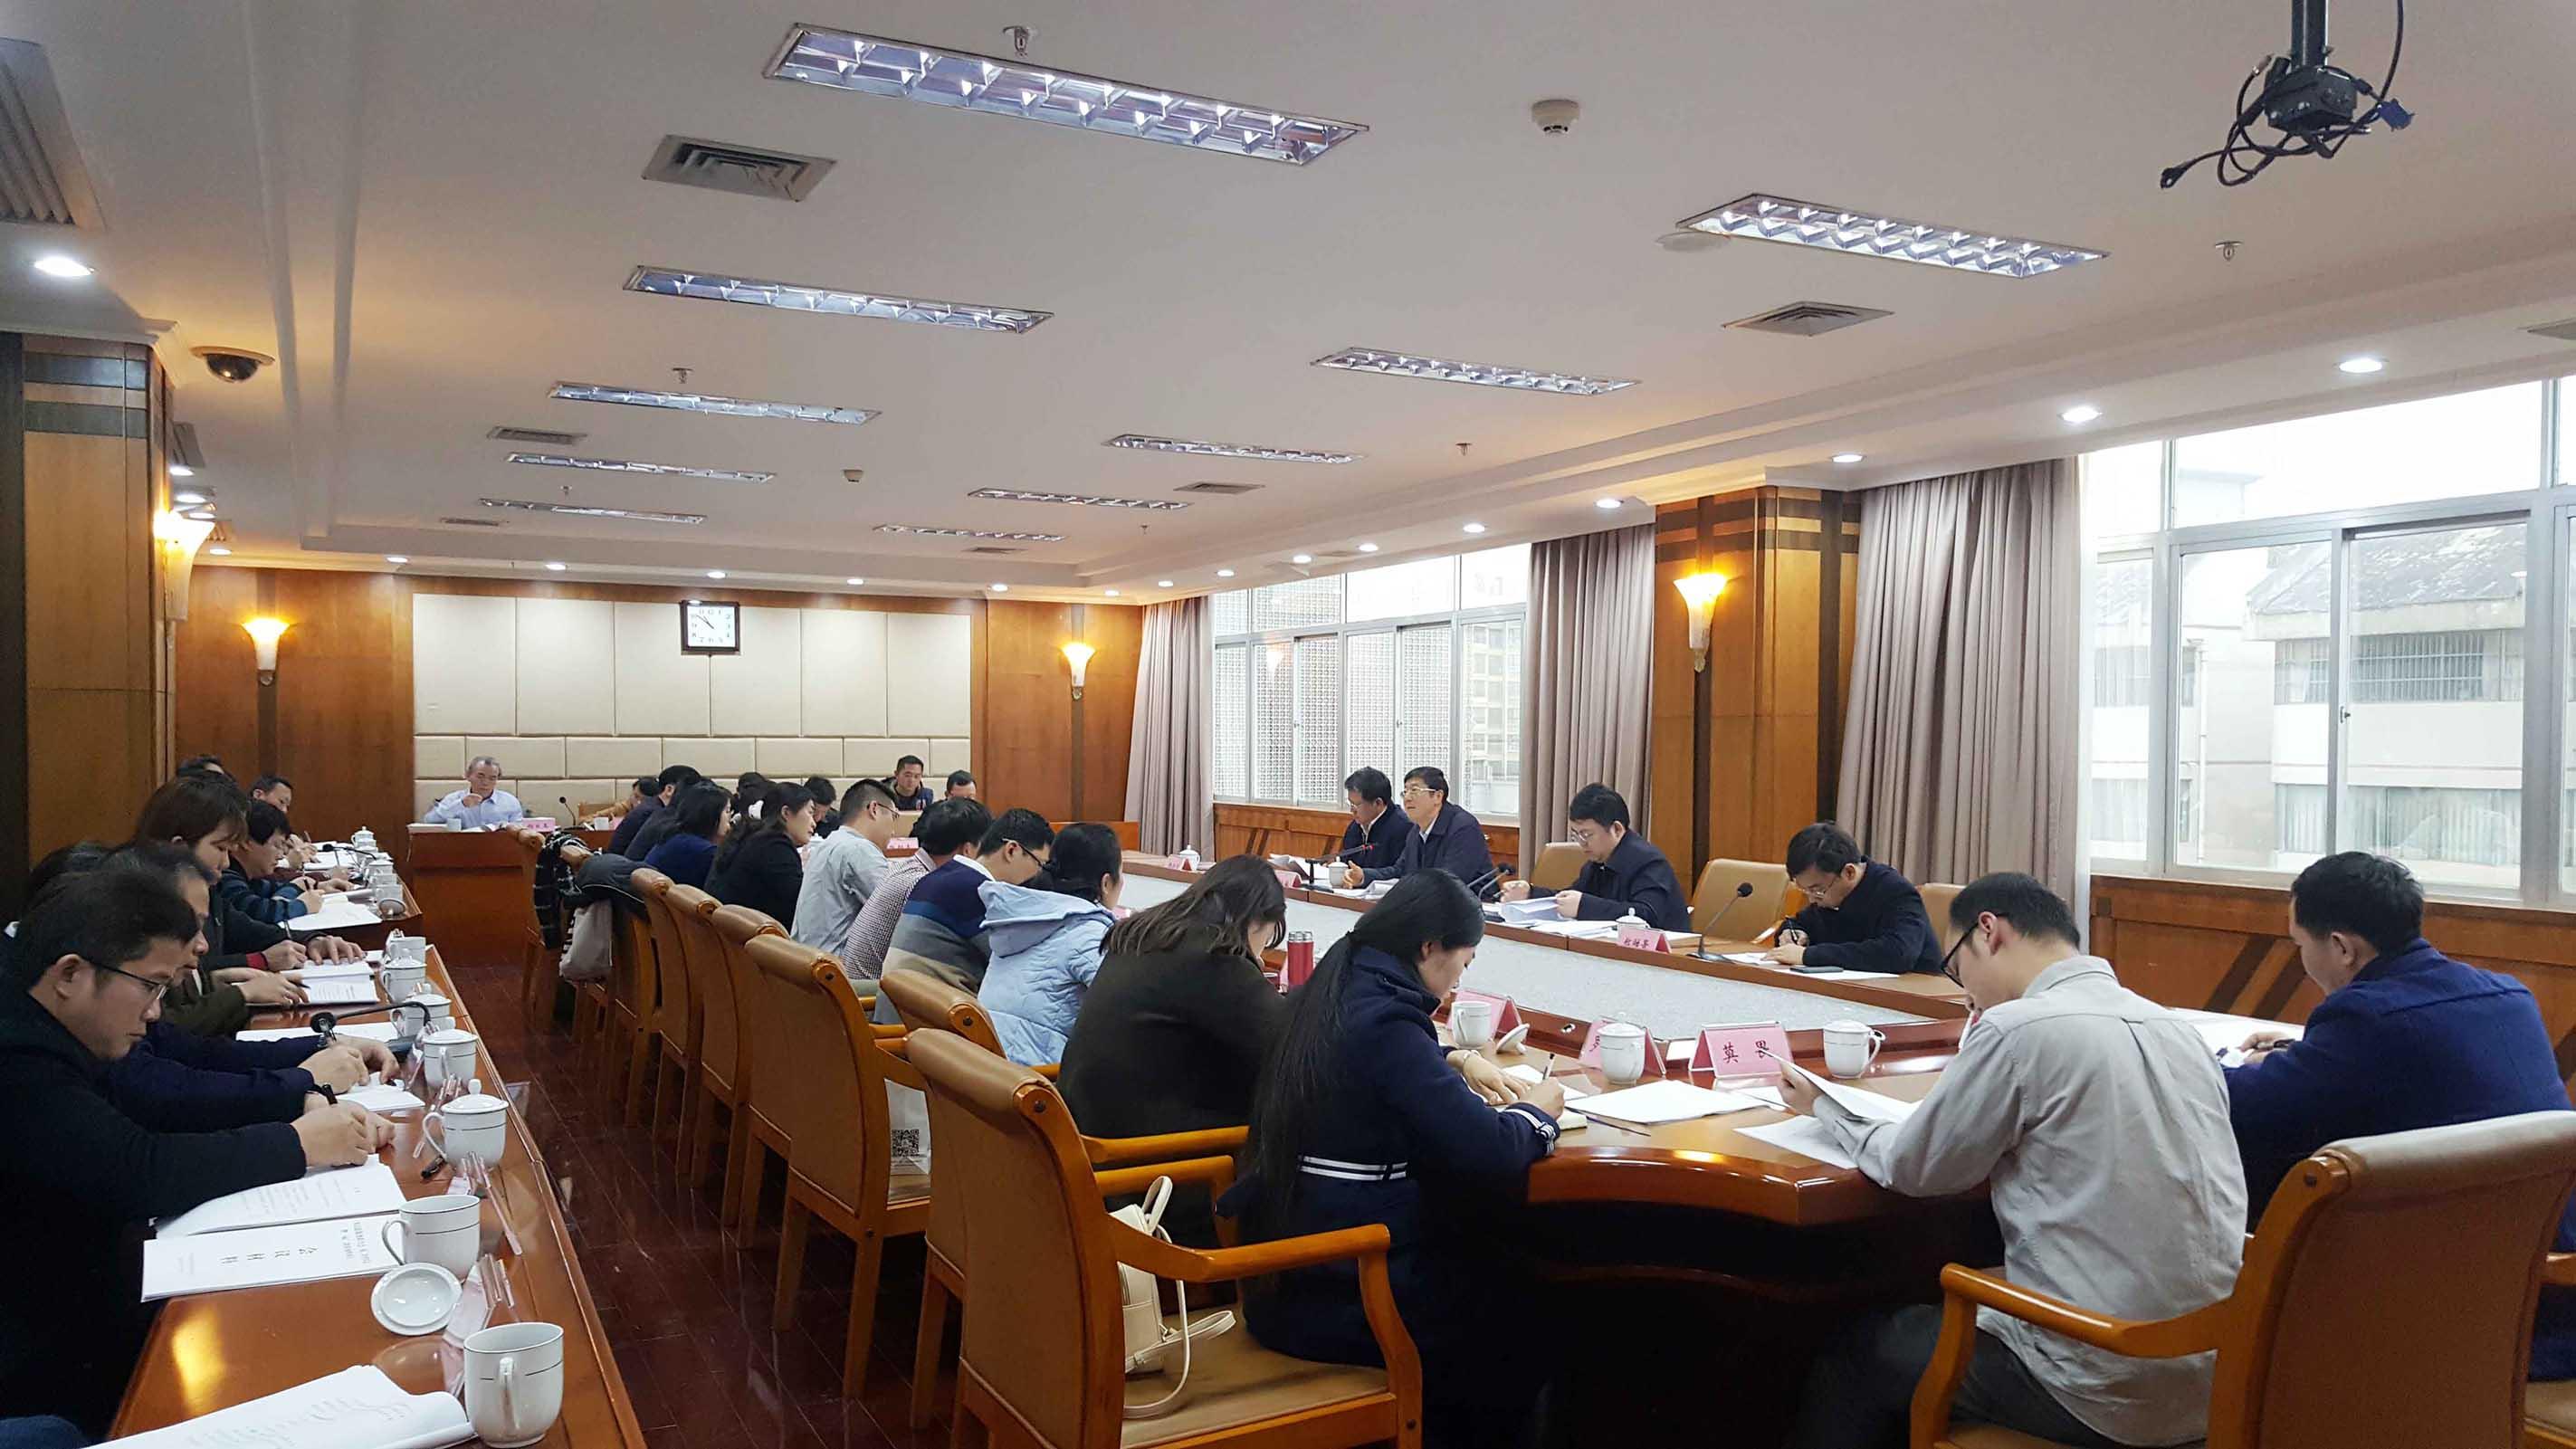 广西志愿服务联合会一届二次理事会暨一届二次常务理事会在南宁召开